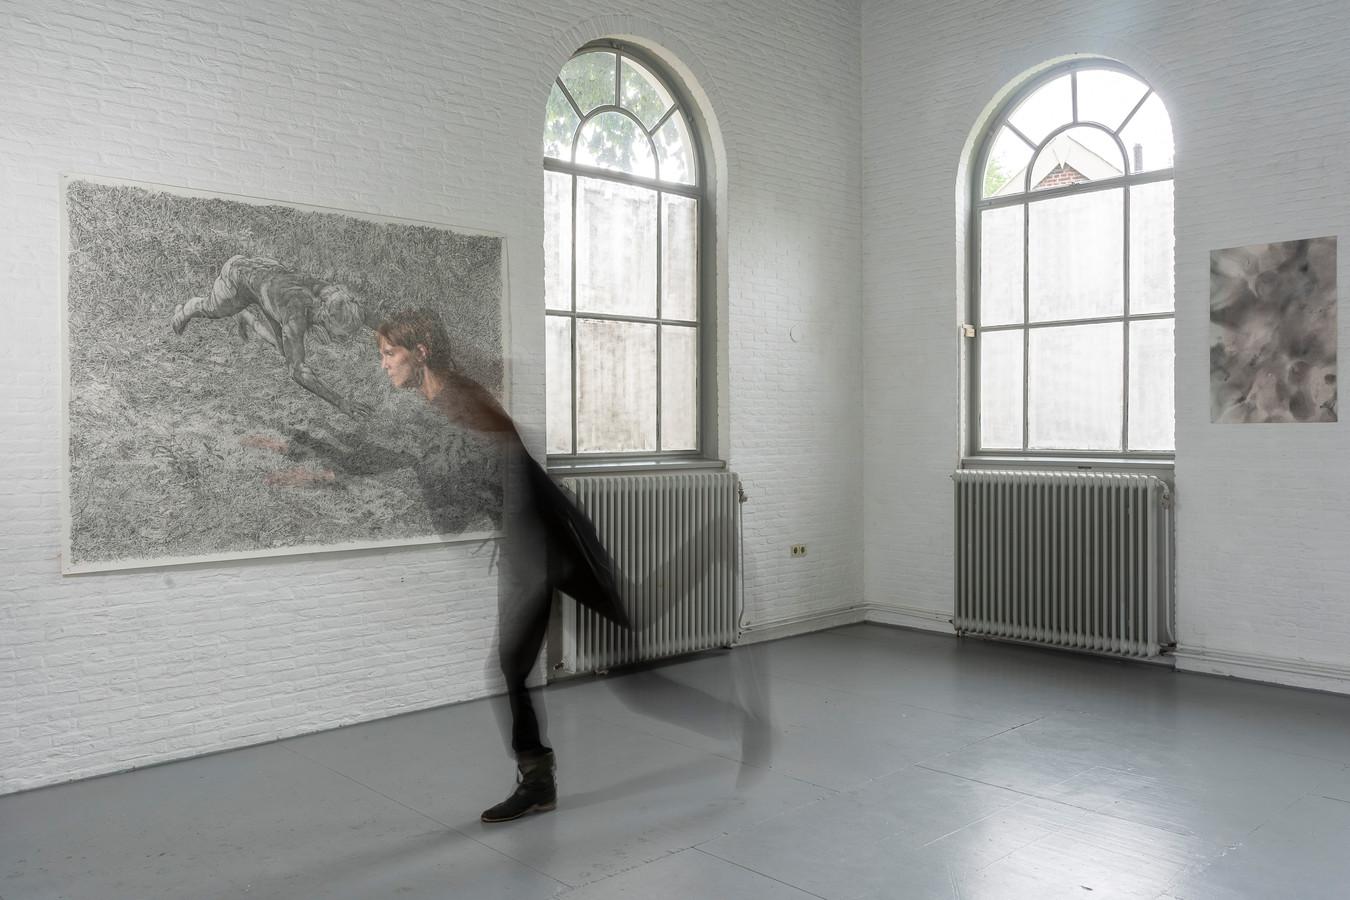 Haamstede, kunstenaar, Femke Gerestein, Bewaerschole, expositie, verslaggever Esme Soesman